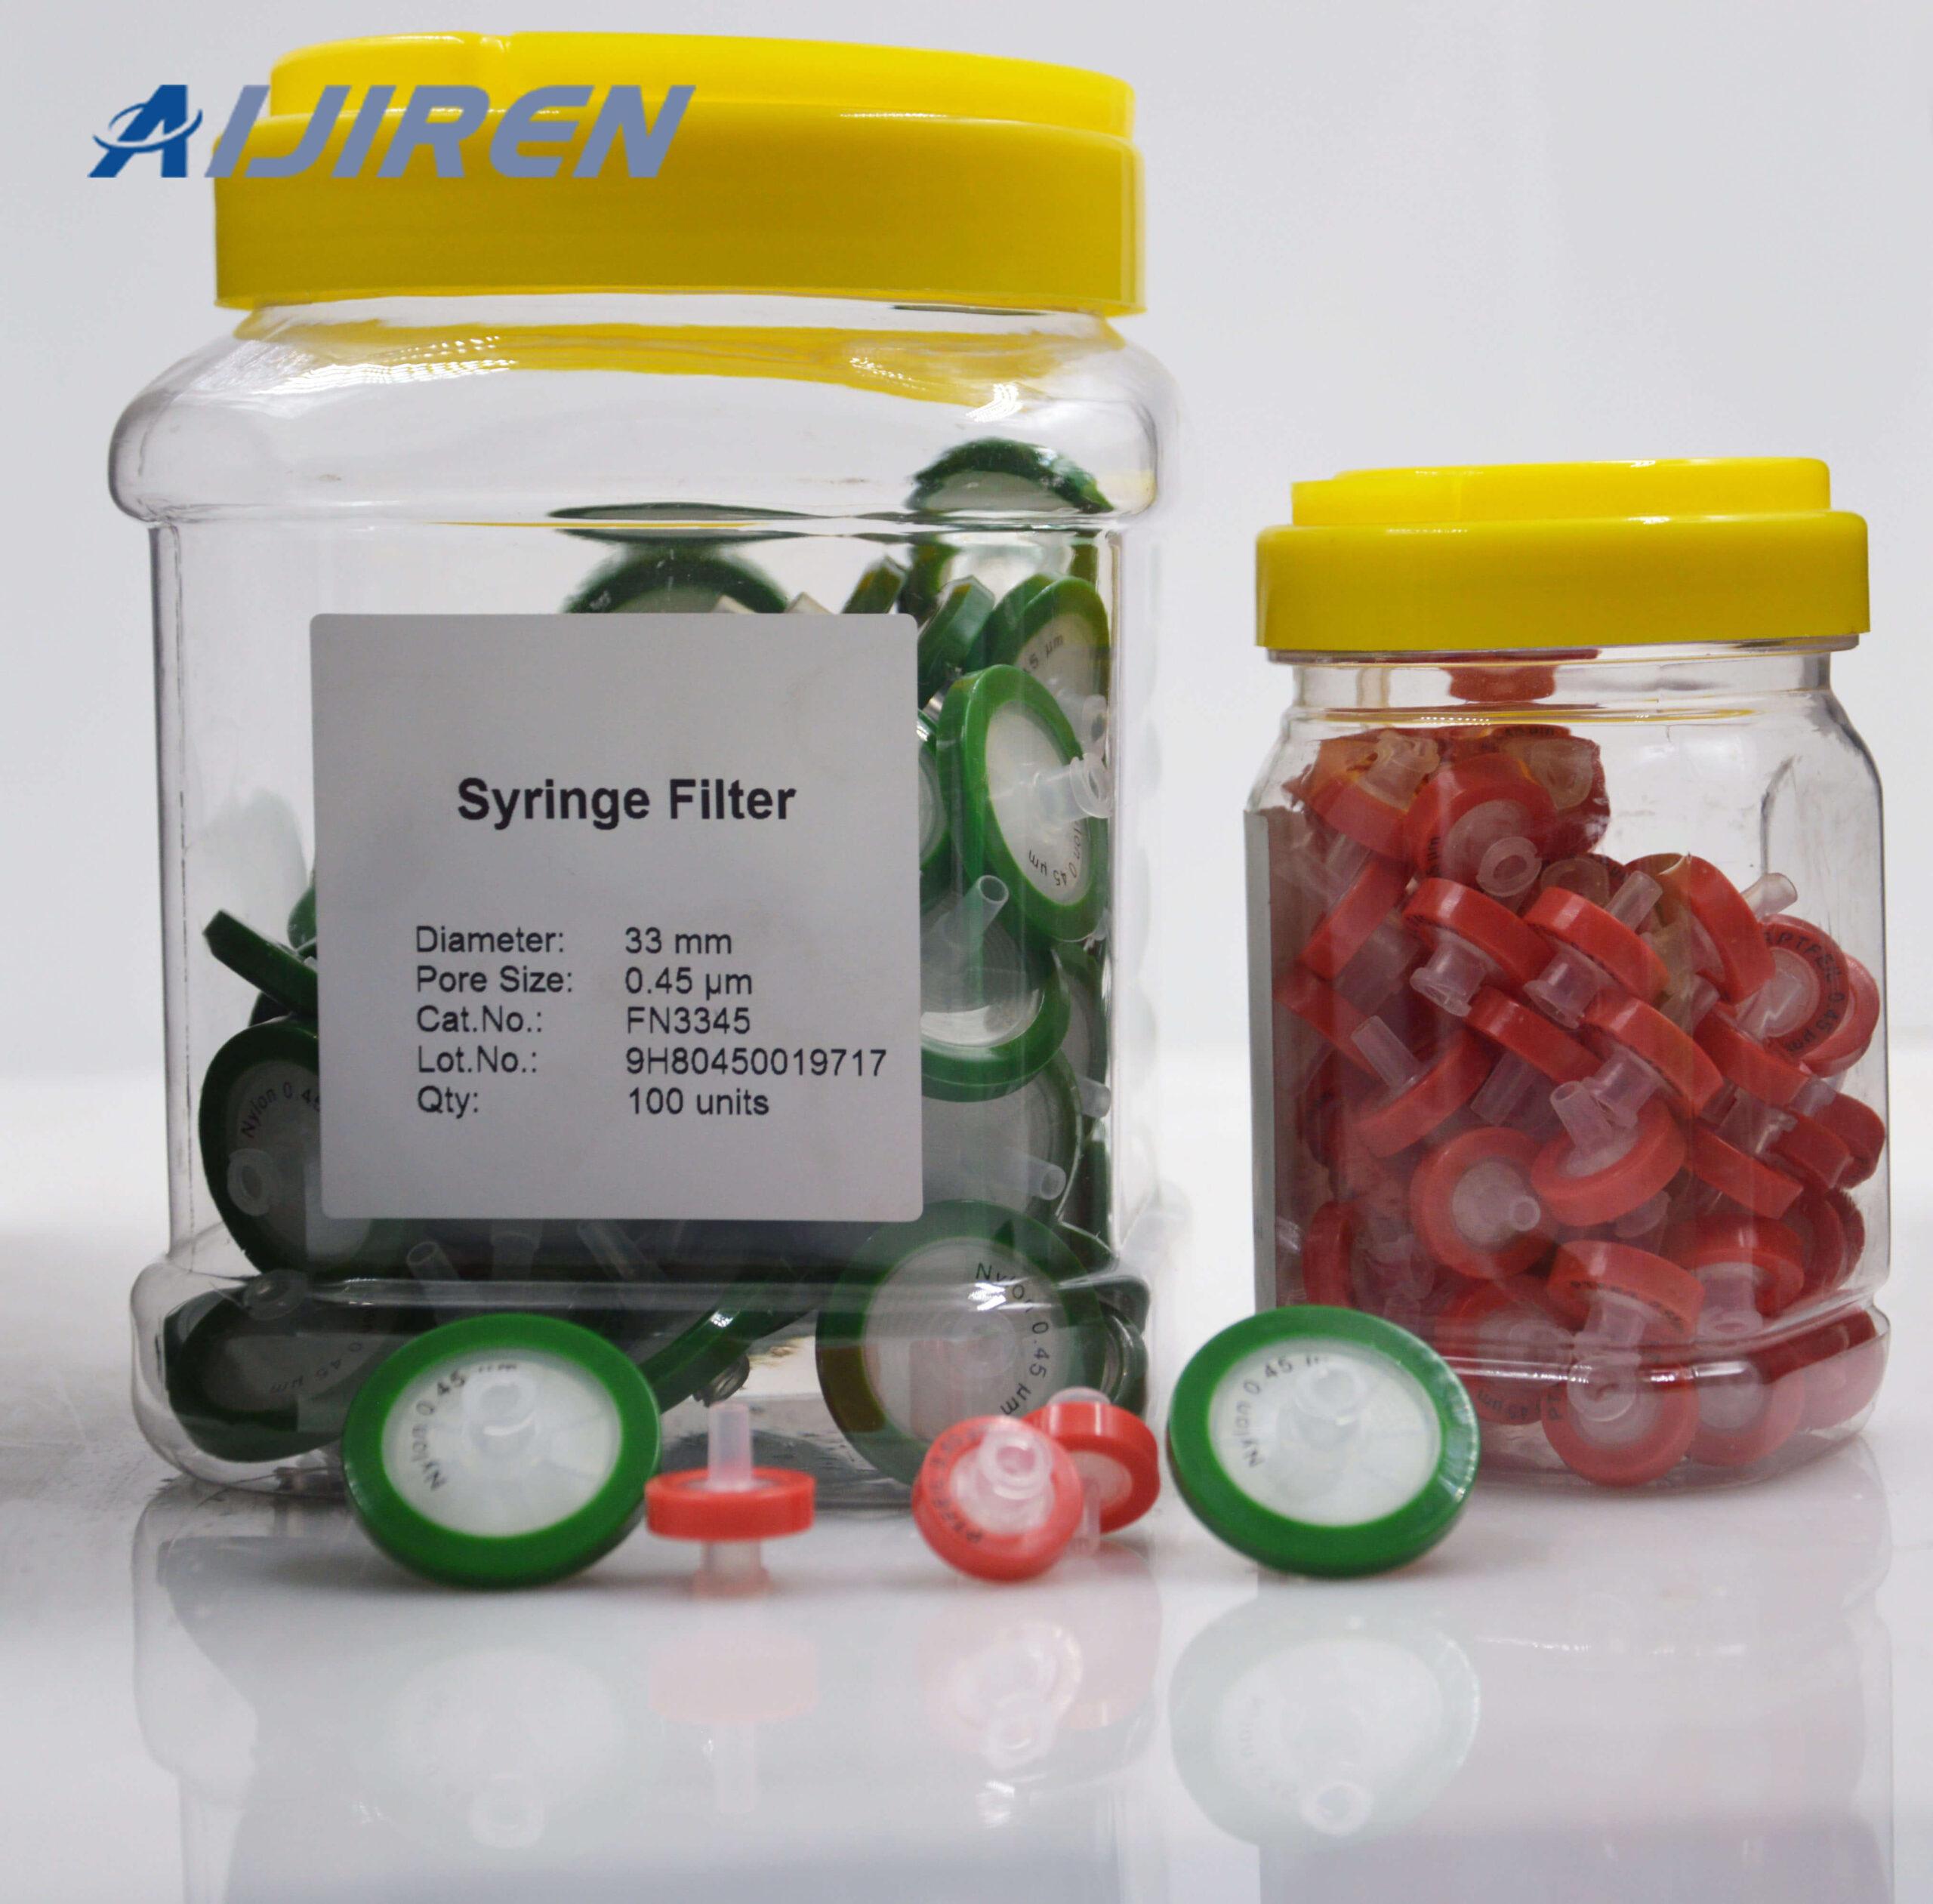 20ml headspace vial33mm 0.45 Nylon Syringe Filter